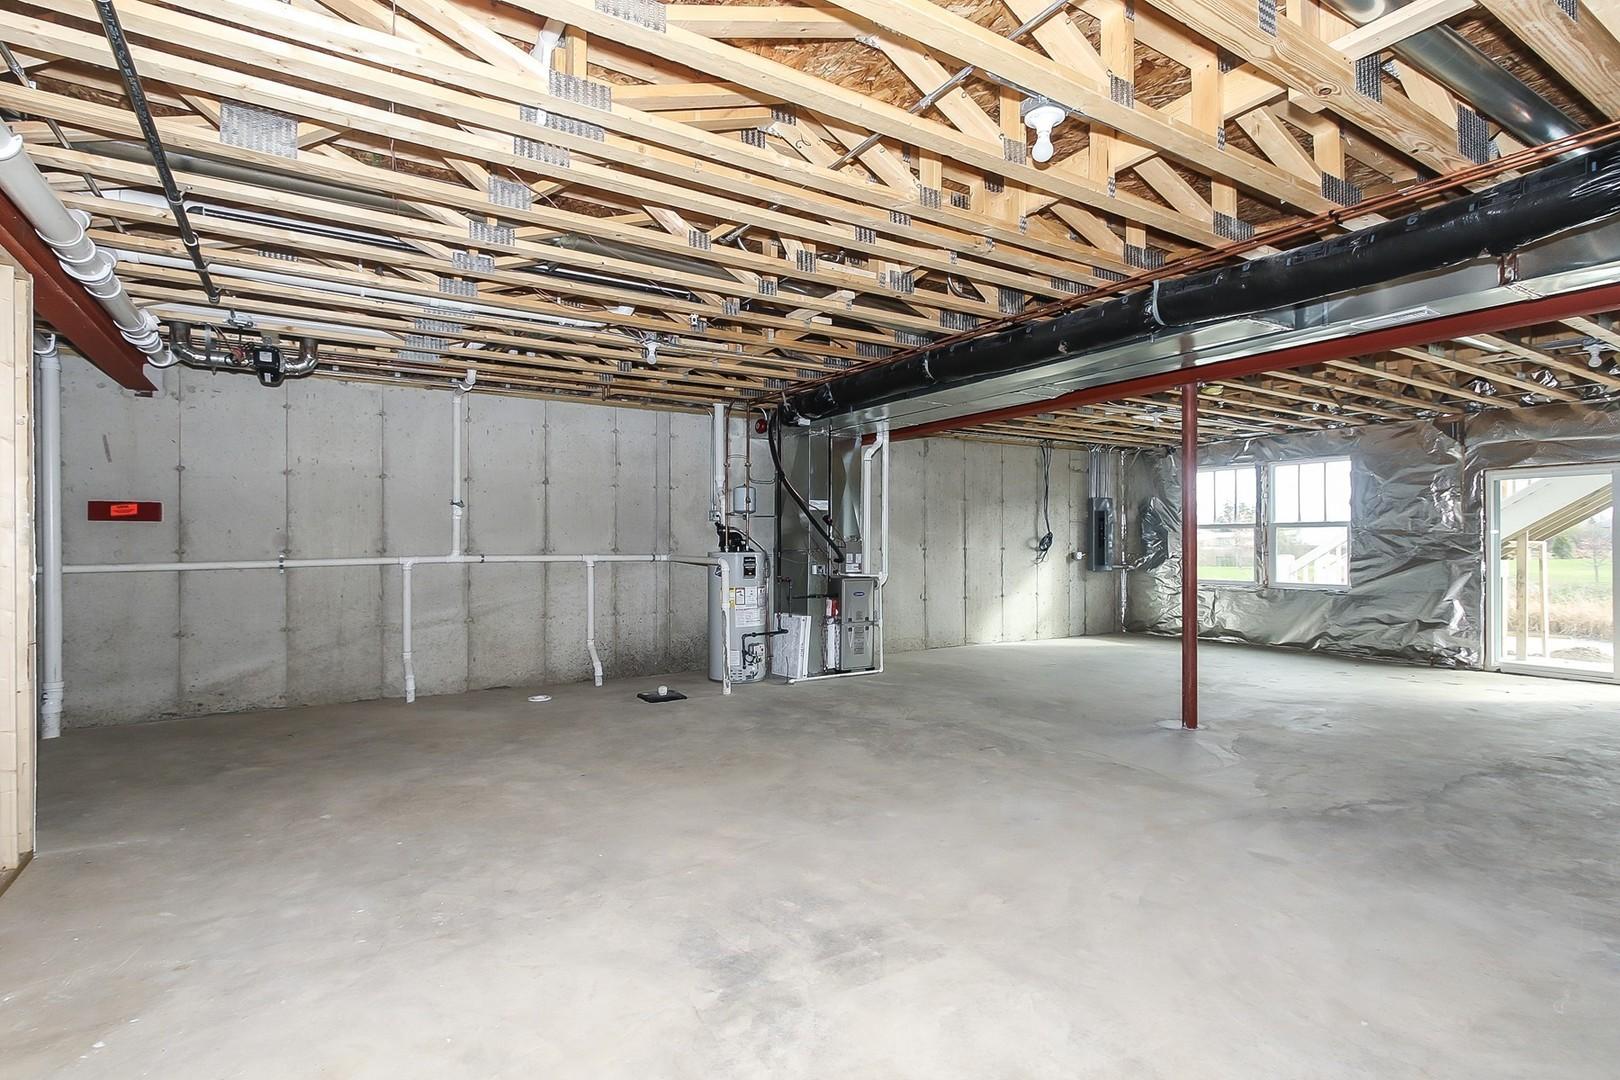 523 Peterson Lot #8.02 ,Barrington, Illinois 60010